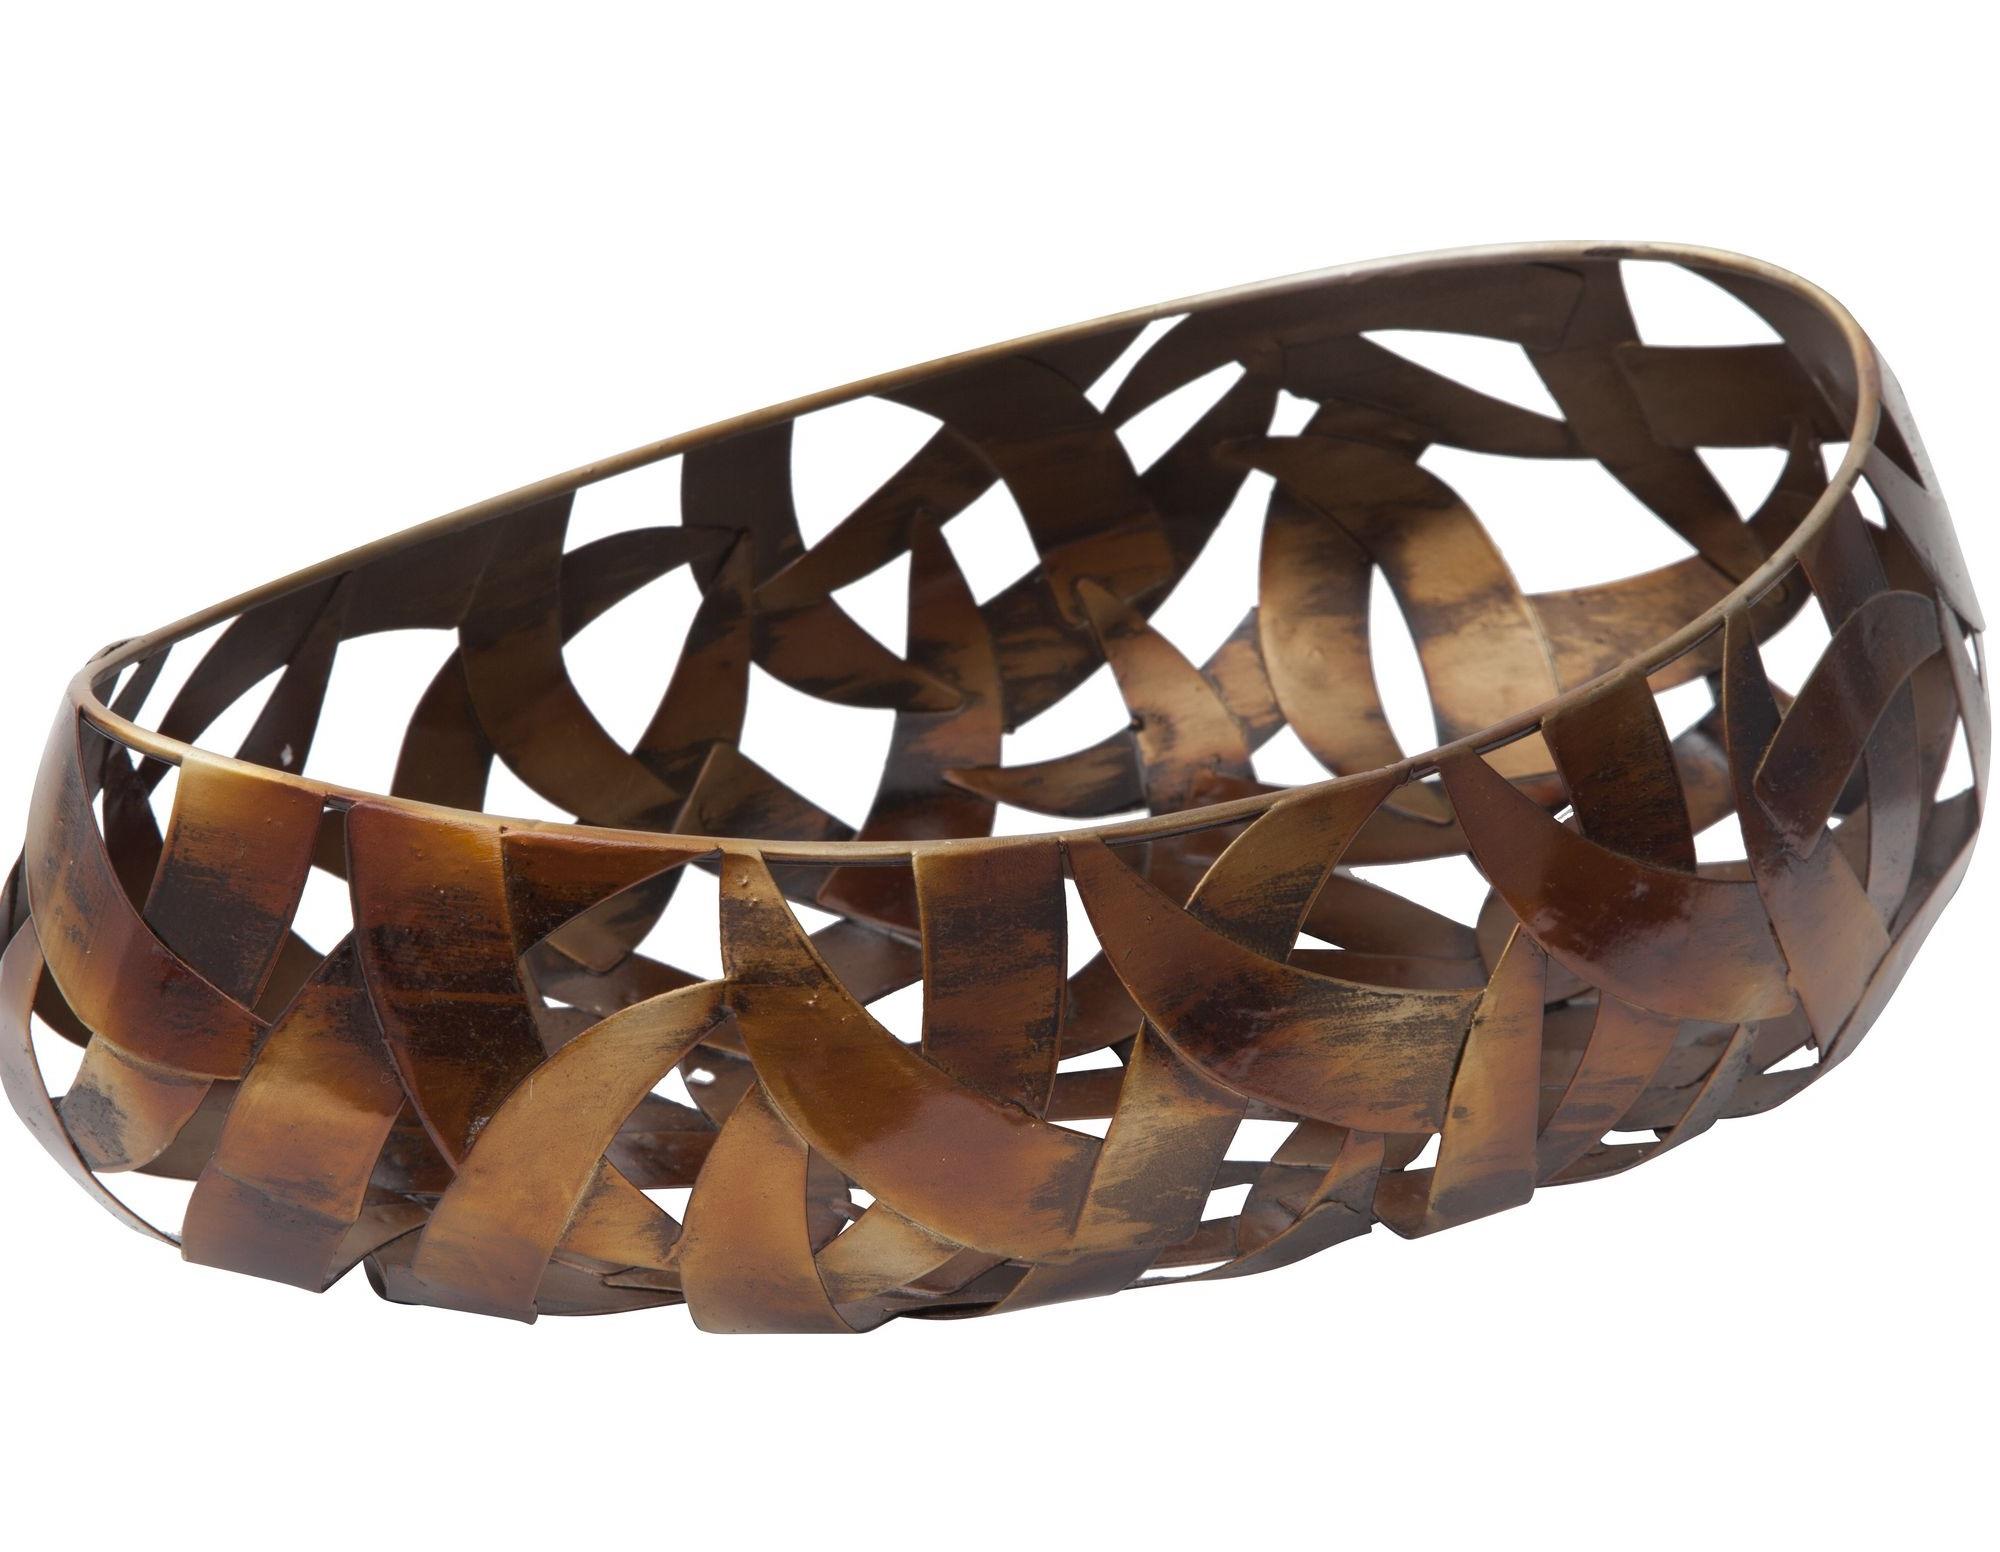 Предмет декора IrongraceДругое<br>Элементы декора - это неотъемлемая часть интерьера, способная  задать тон всей обстановке, подчеркнуть ее достоинства или же стать удачным дополнением. Элемент декора обеспечивает целостность восприятия общей картины.<br><br>Material: Железо<br>Length см: 32<br>Width см: 17.5<br>Height см: 10